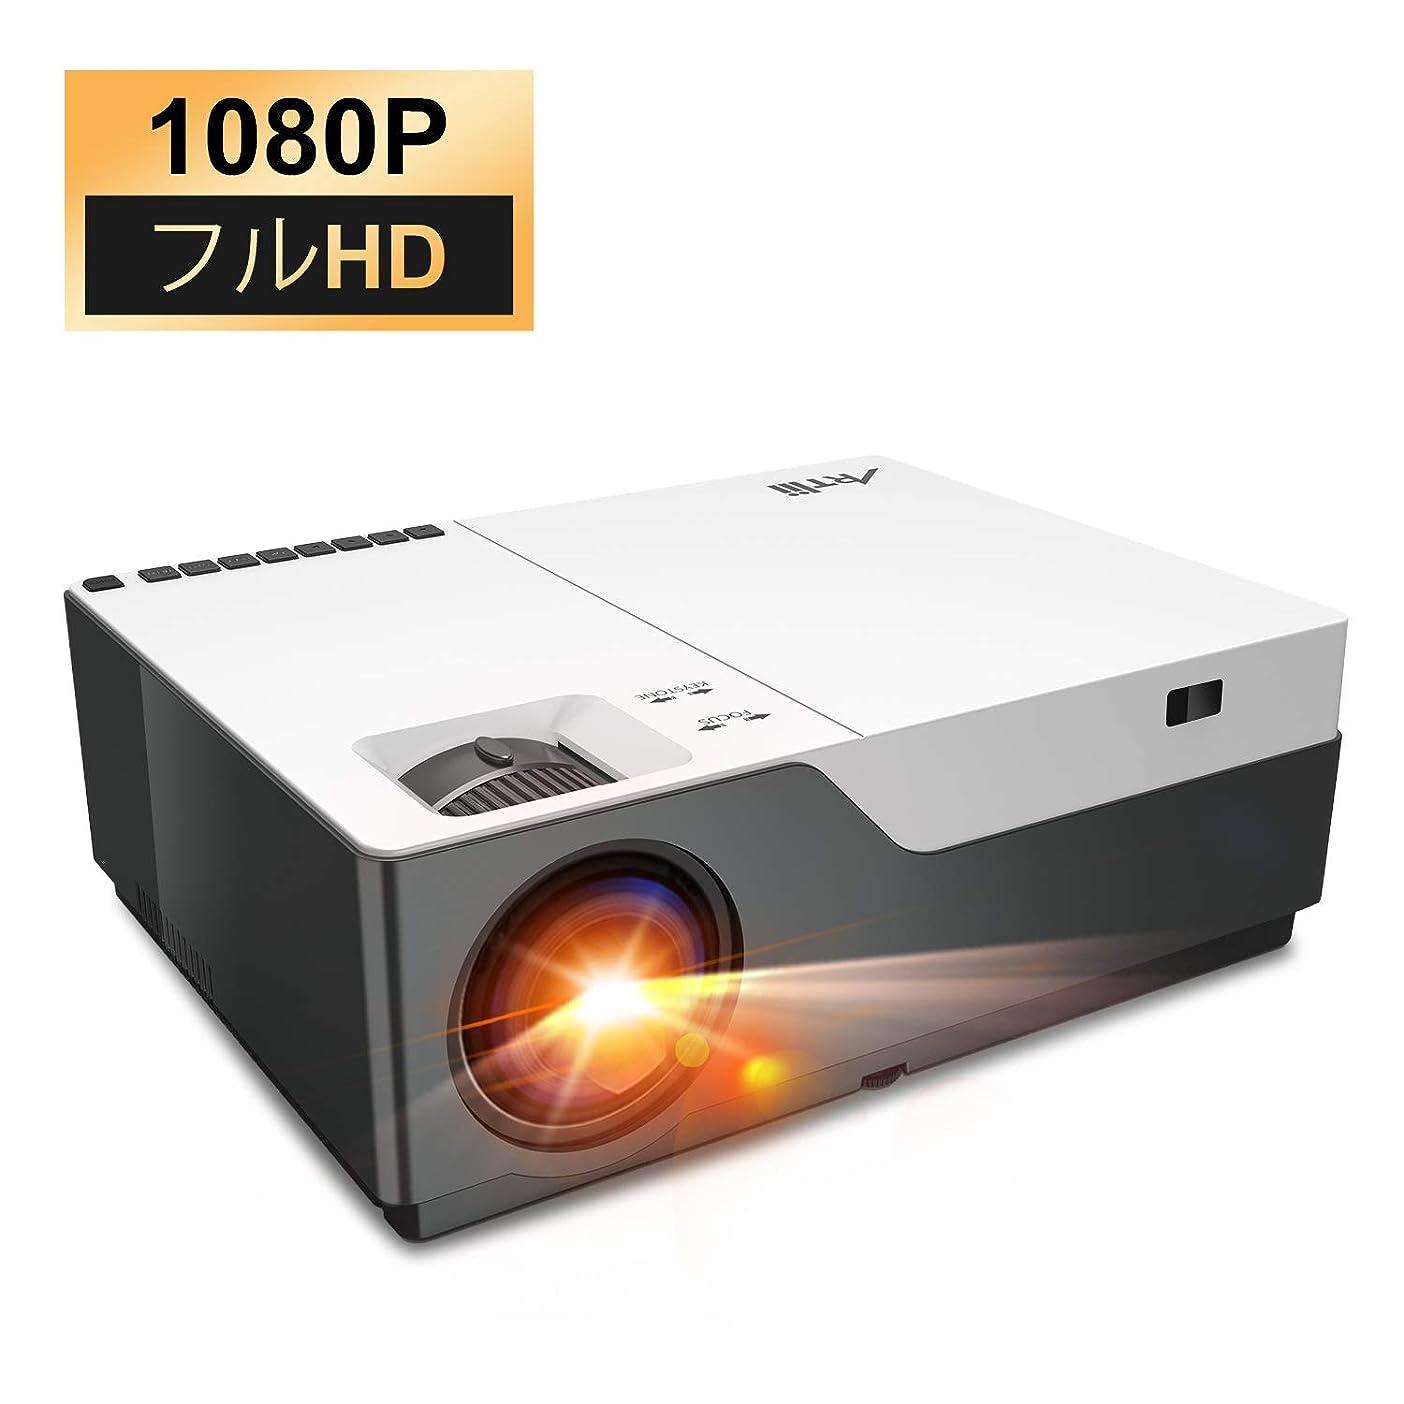 名前レジデンスむしろプロジェクター Artlii データ プロジェクター 1080PフルHD コントラスト5000:1 1920×1080ネイティブ解像度 300インチ 大画面 ビジネス用とホームシアター両用のプロジェクター